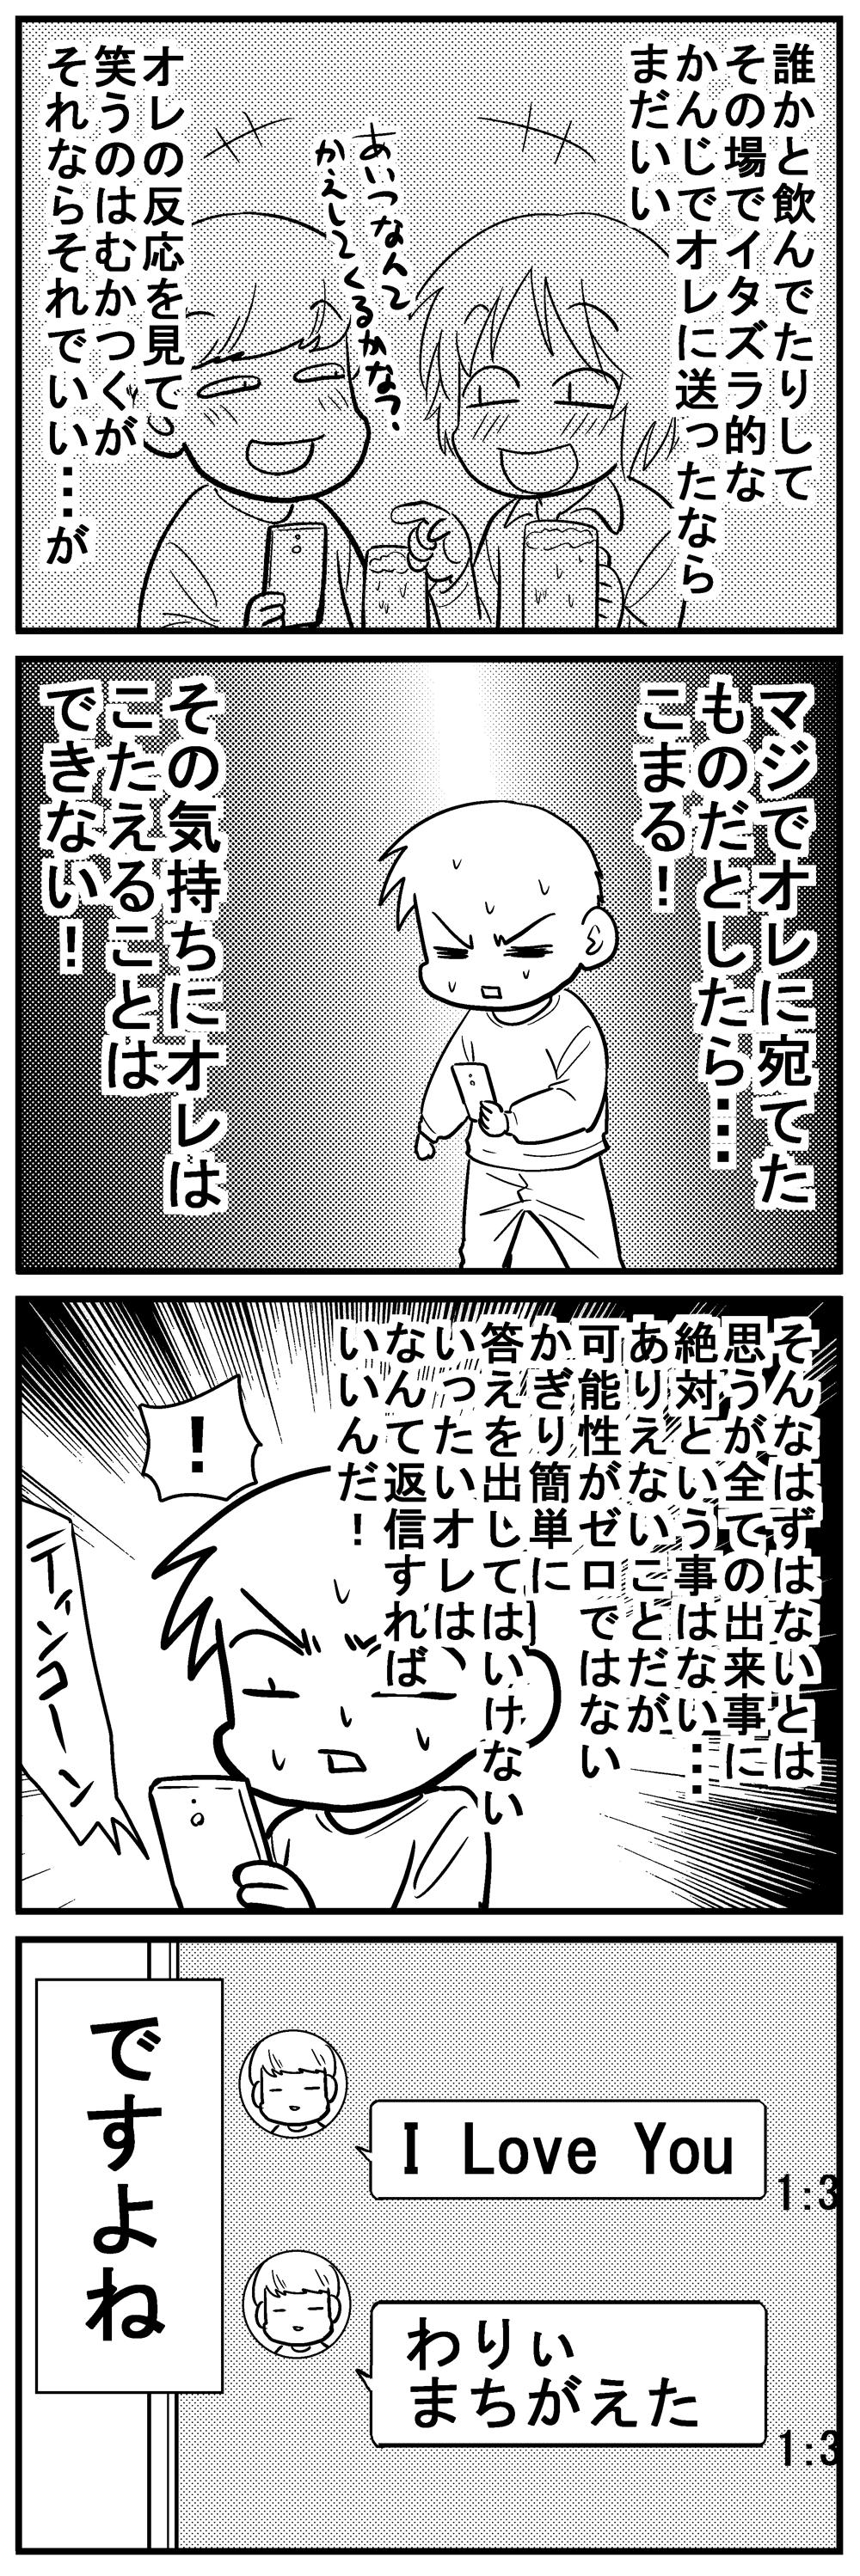 深読みくん136 2